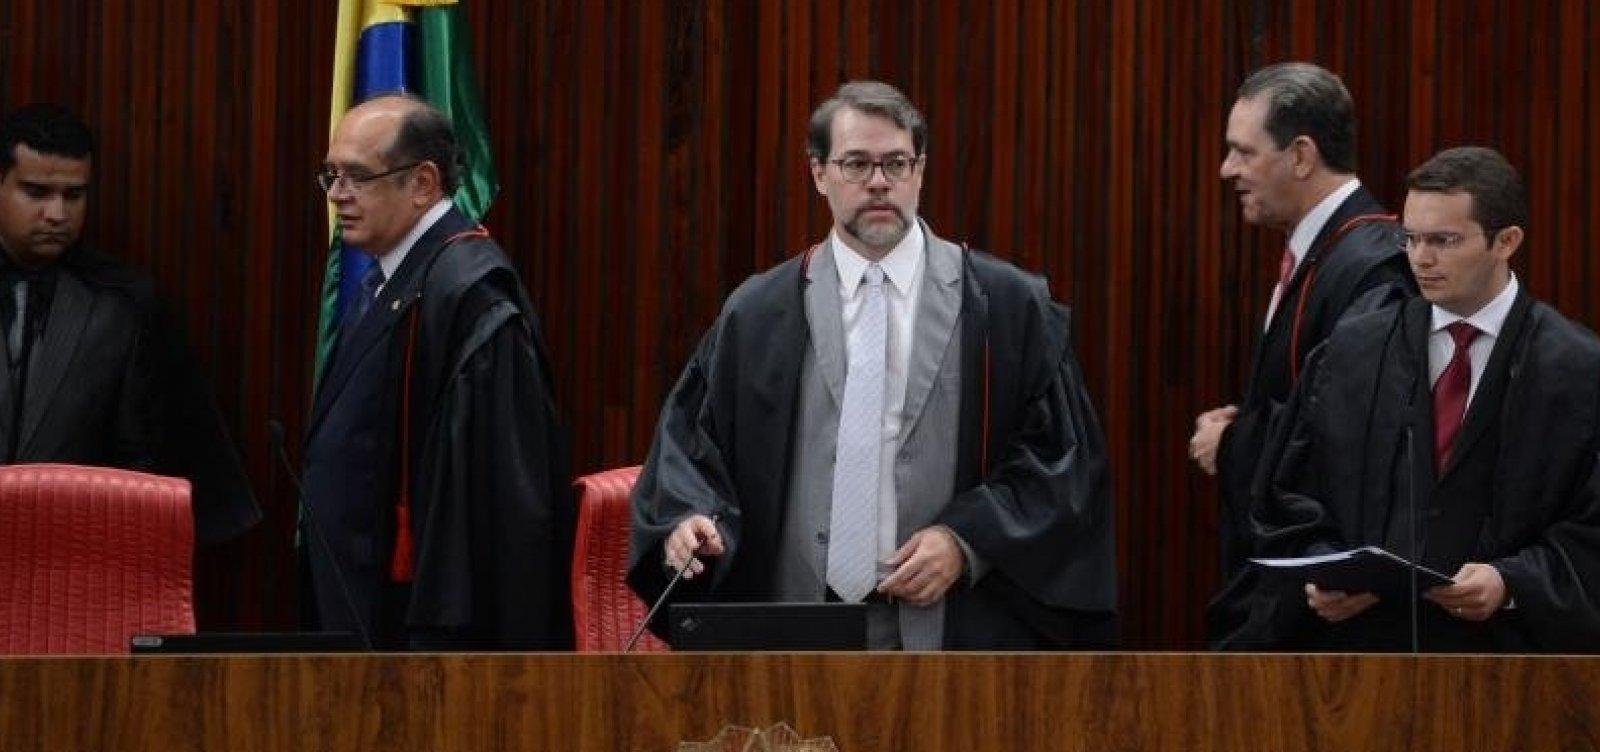 [Toffoli quer discutir prevenção de homicídios em encontro com Bolsonaro]